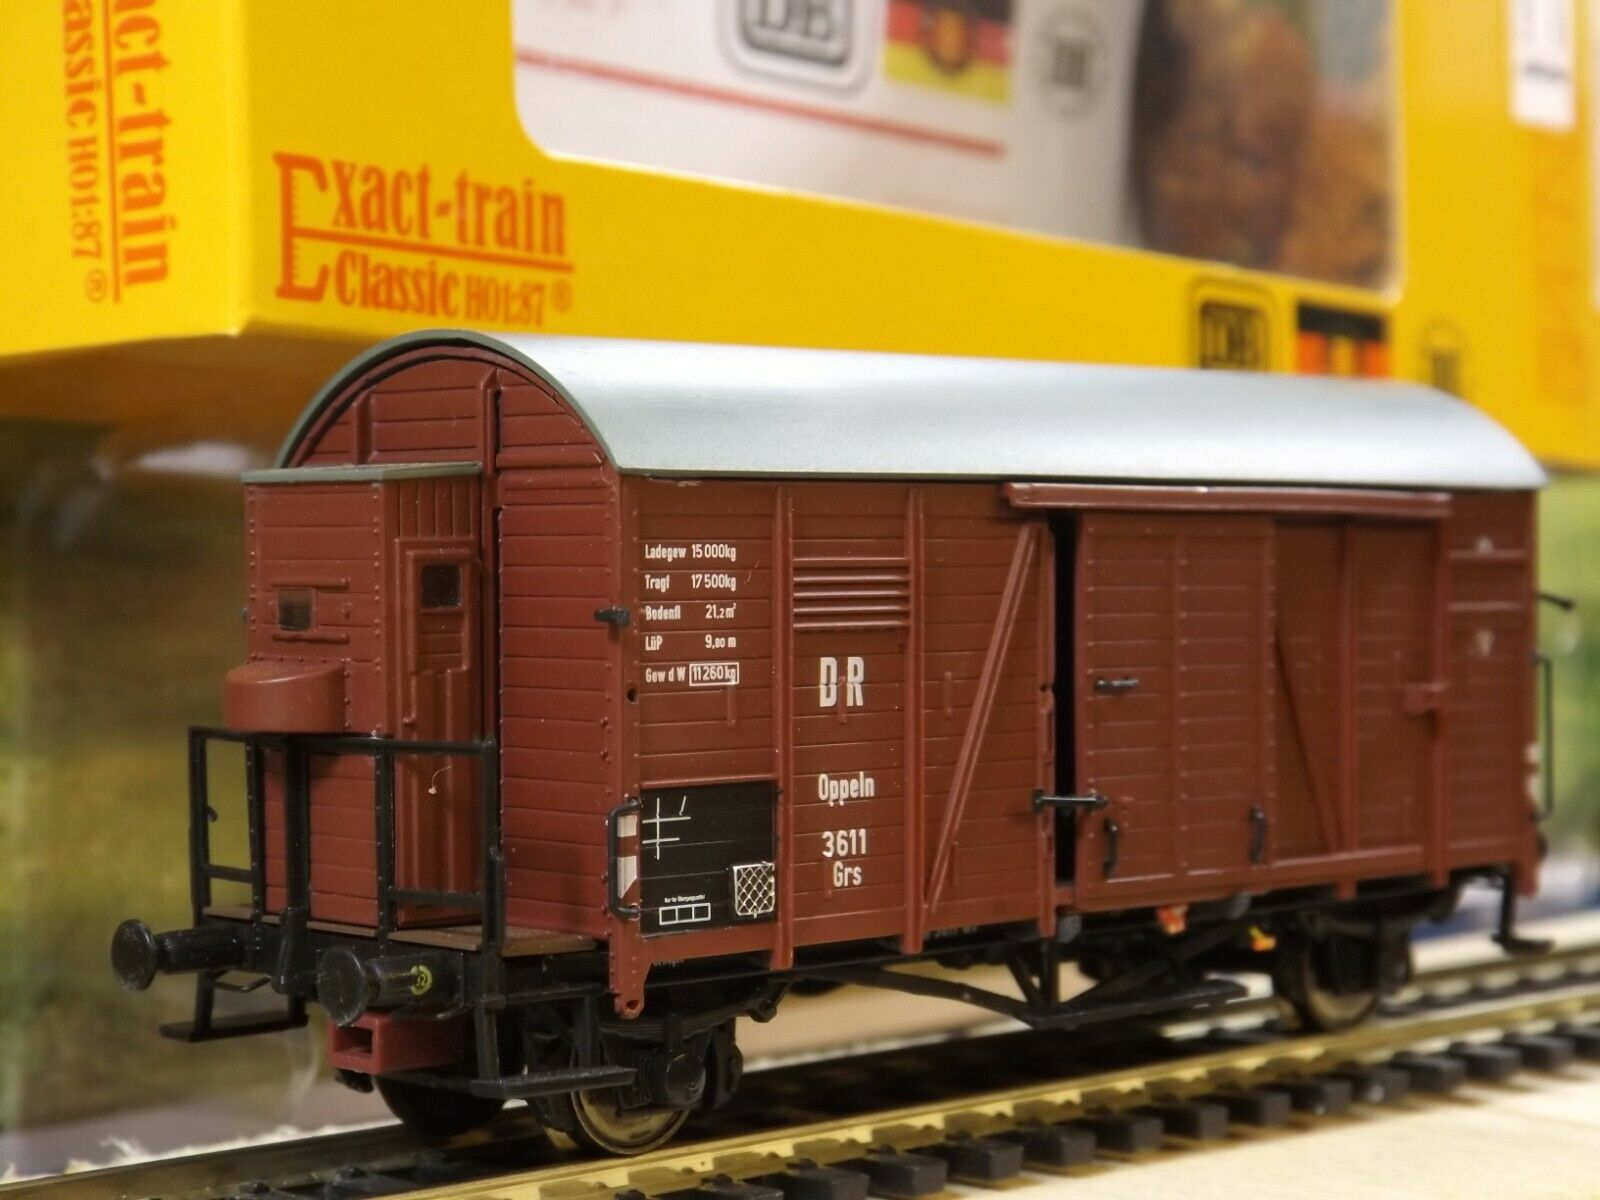 M185 Gedeckter Güterwagen mit Bh Oppeln Grs 3611 DR Exacttrain EX20090A